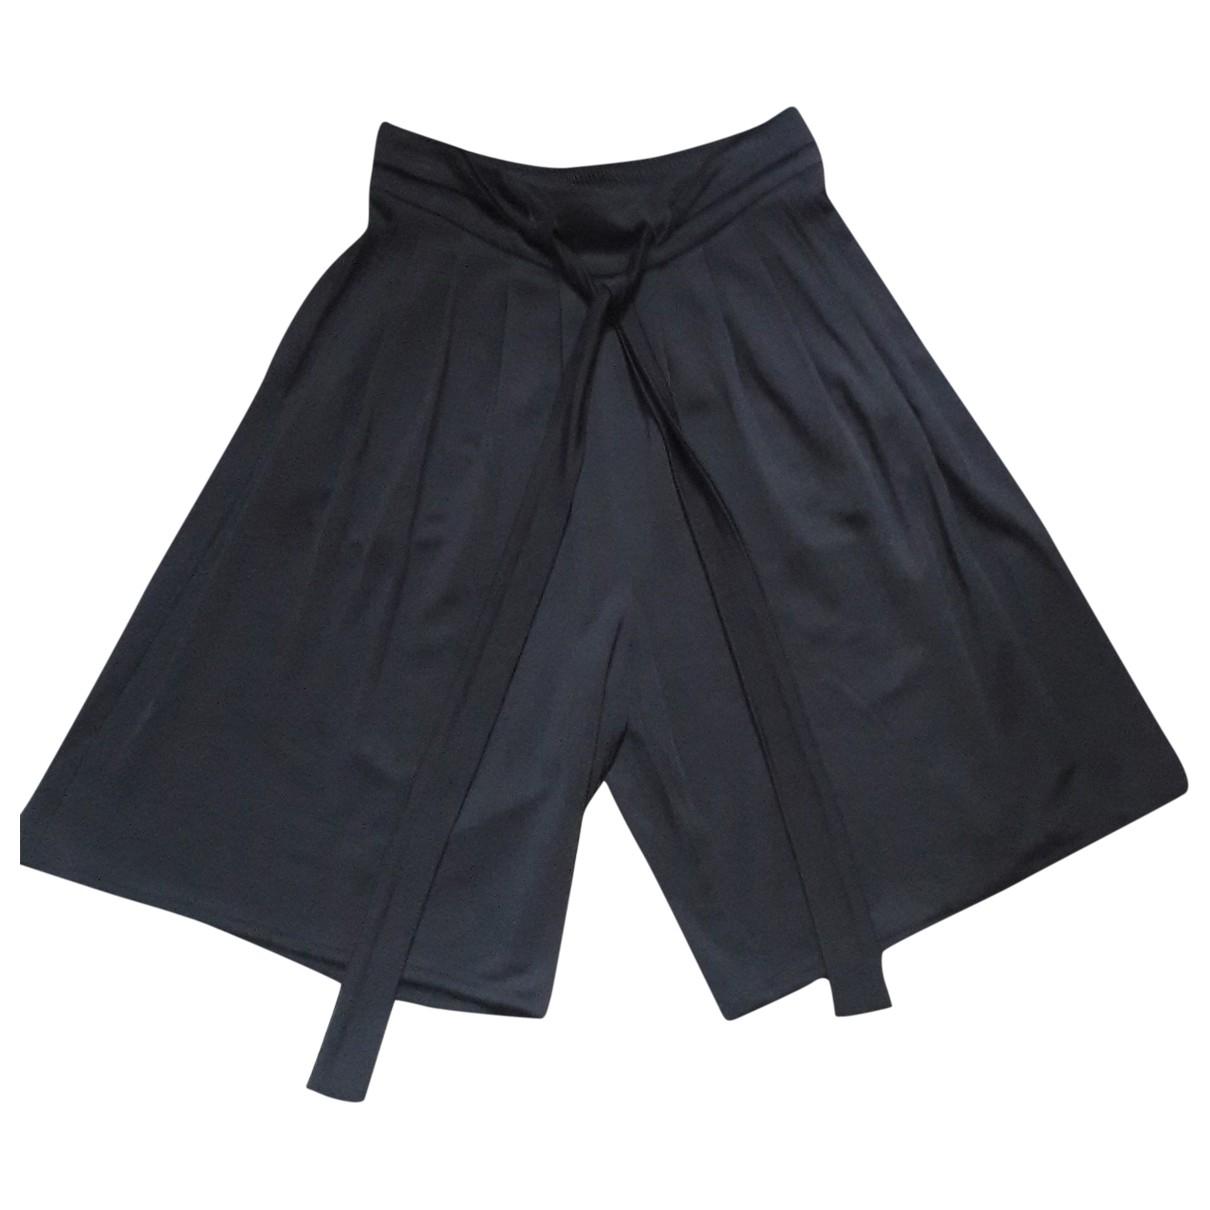 Maison Martin Margiela \N Black skirt for Women 40 IT